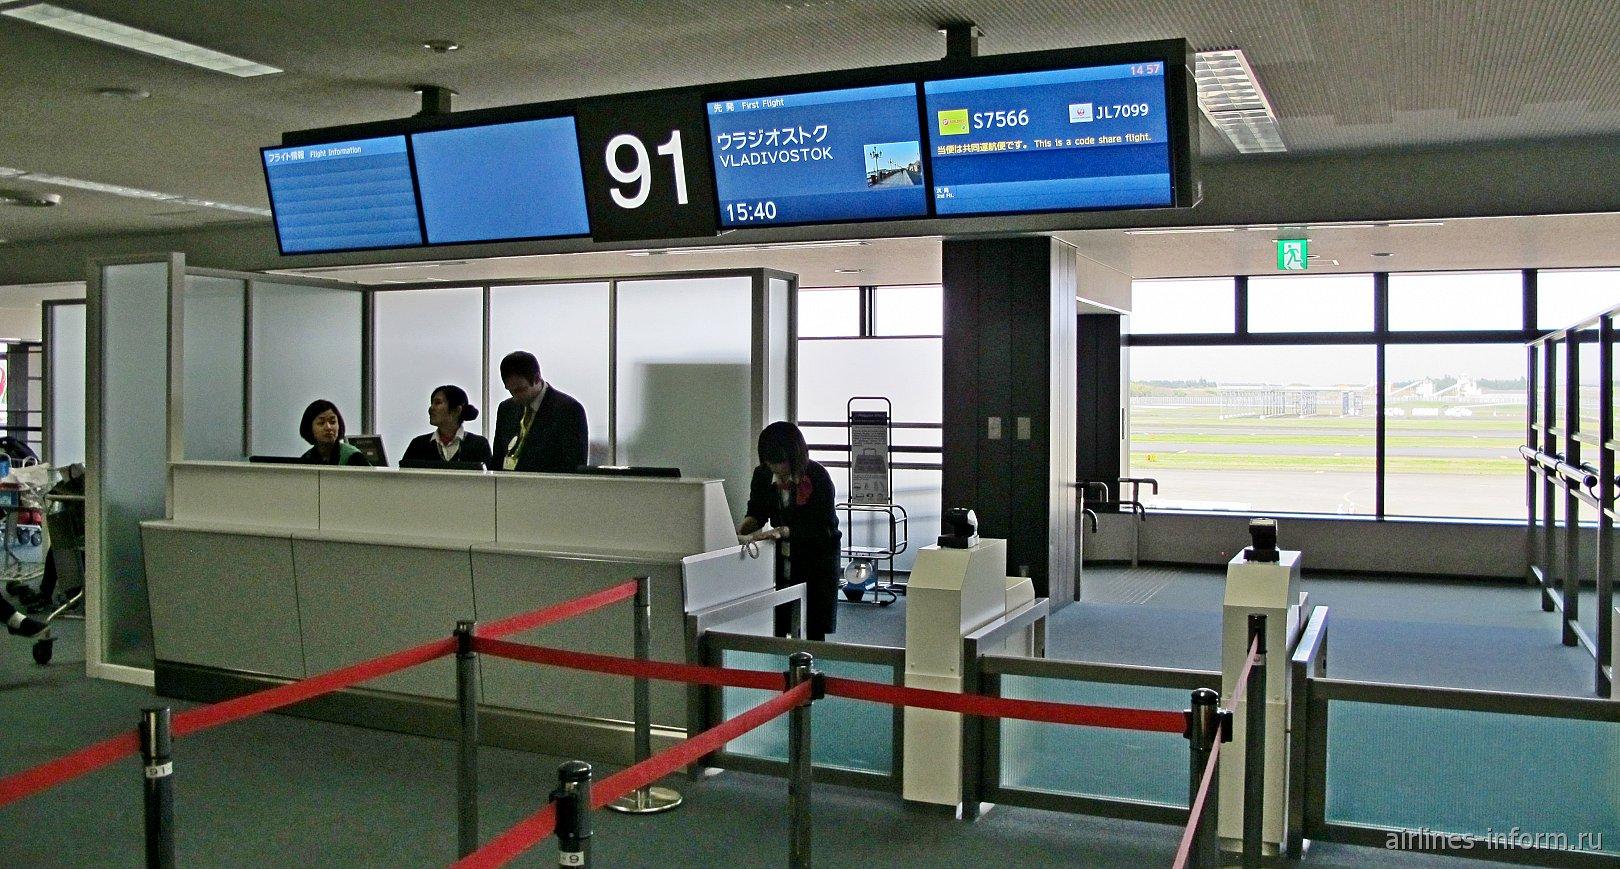 Выход на посадку в аэропорту Токио Нарита